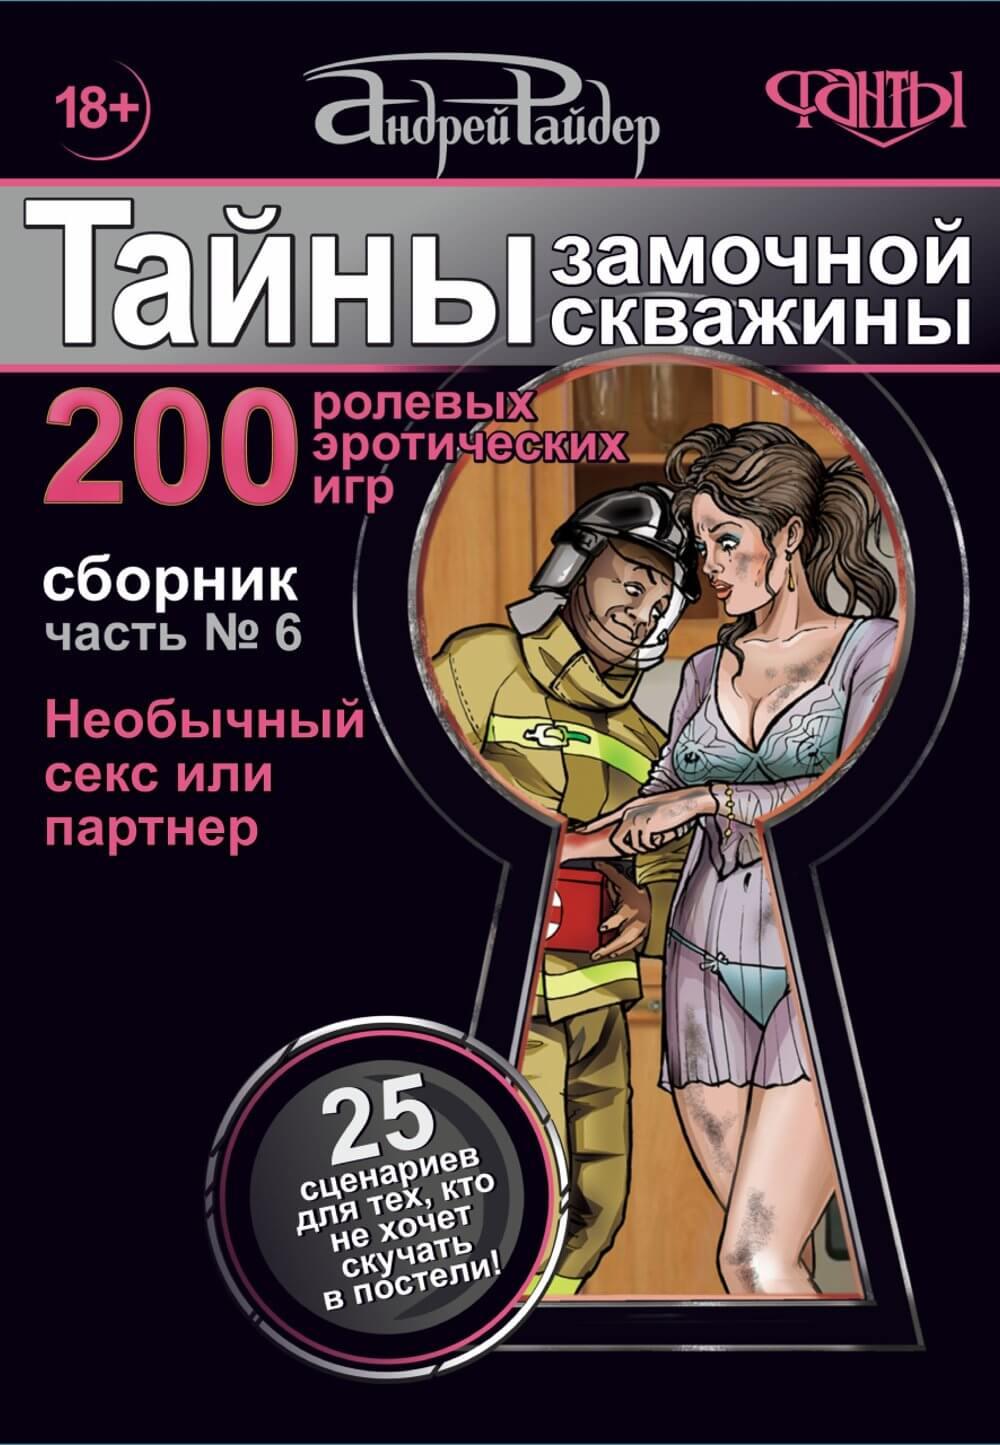 eroticheskie-rolevie-igri-stsenariy-krasnaya-shapochka-mozhno-li-udalit-otvisshiy-klitor